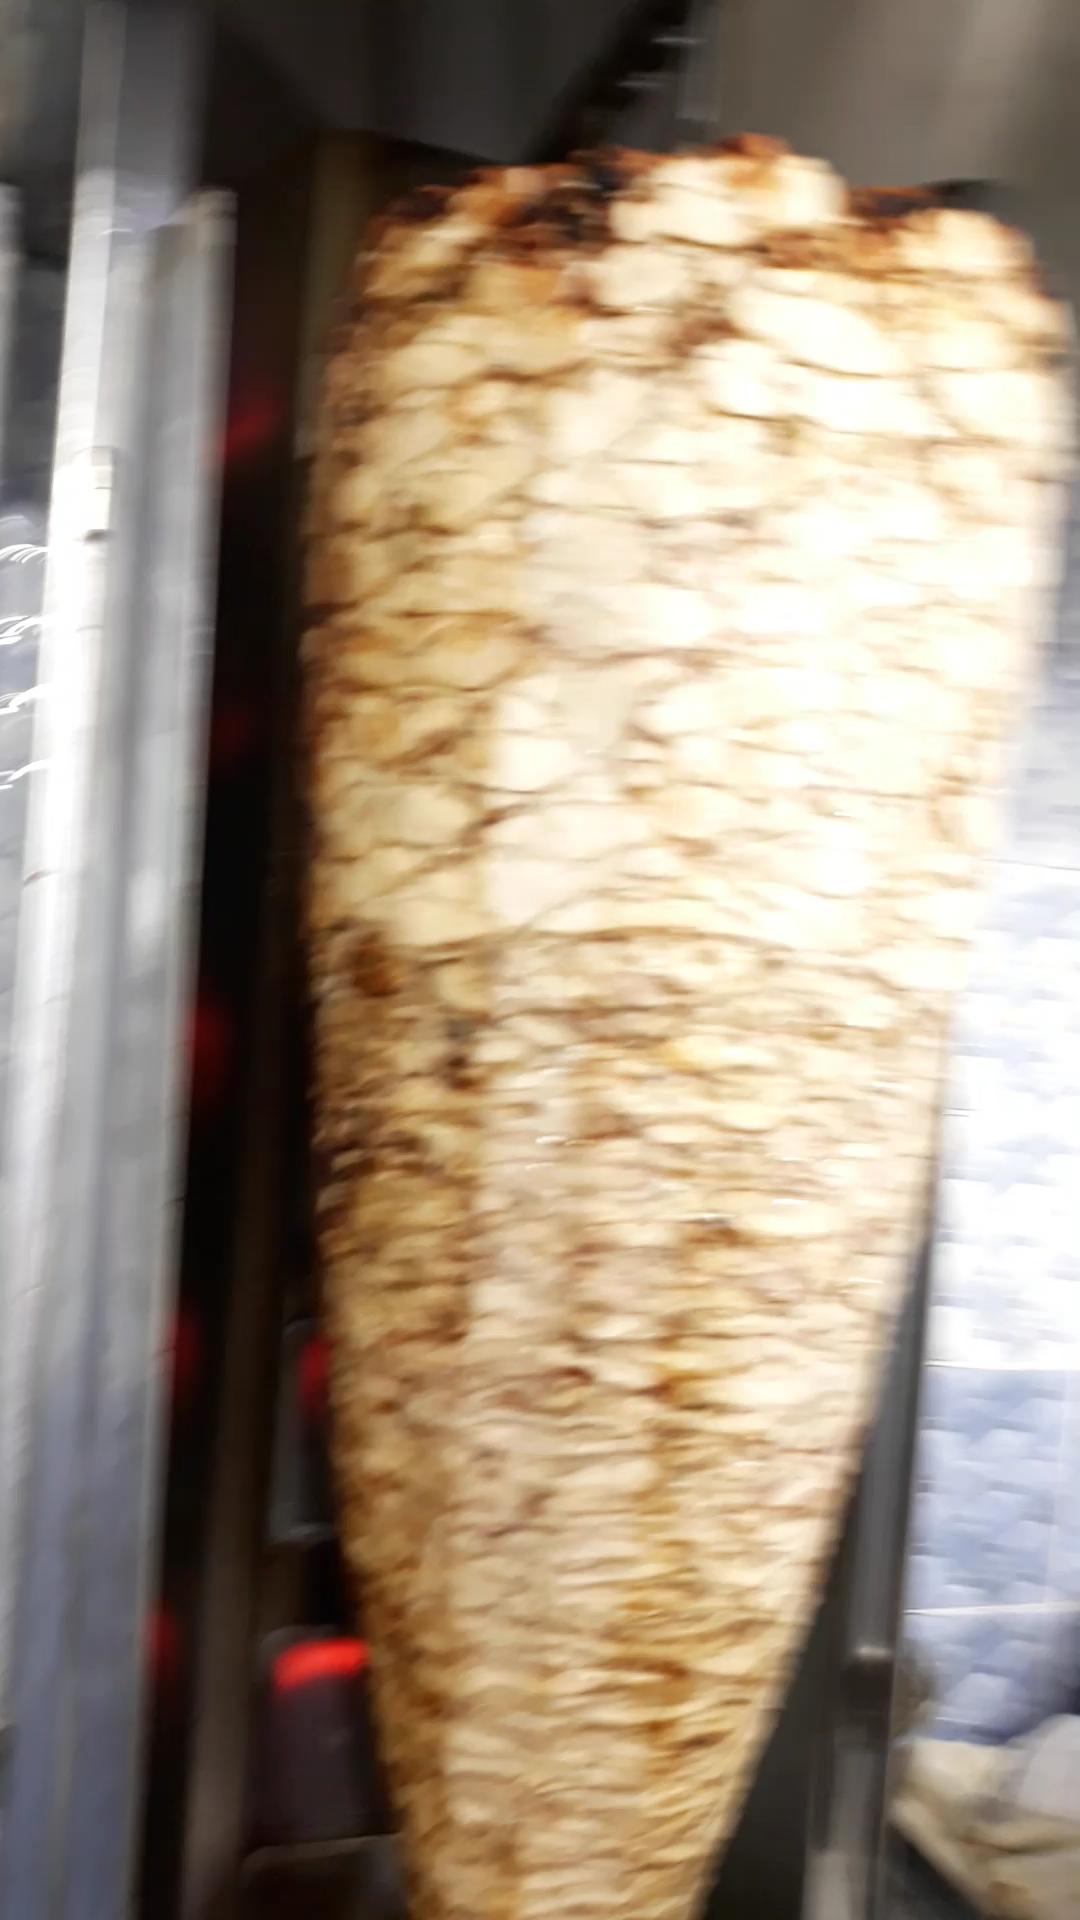 السلام عليكم شيف بيتزا ومعجنات خبرة اكثر من 8 سنوات ابحث عن عمل انا اعيش بالاردن وحابب اش-  ؟ أبحث عن عمل)معلم دجاج...